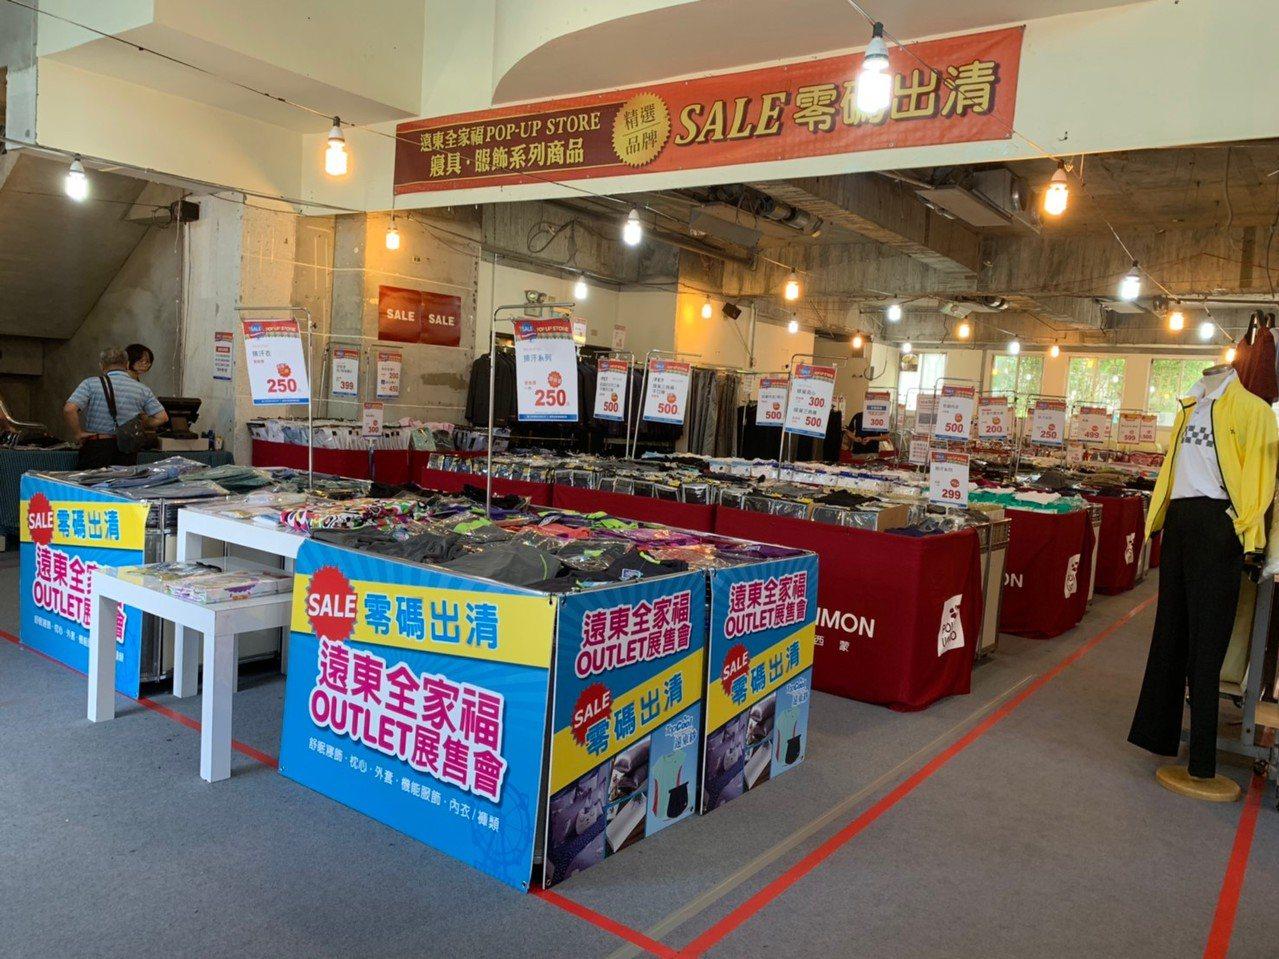 現場陳列擺設萬件商品全面以最優惠的價格回饋給消費者。圖/遠東全家福提供